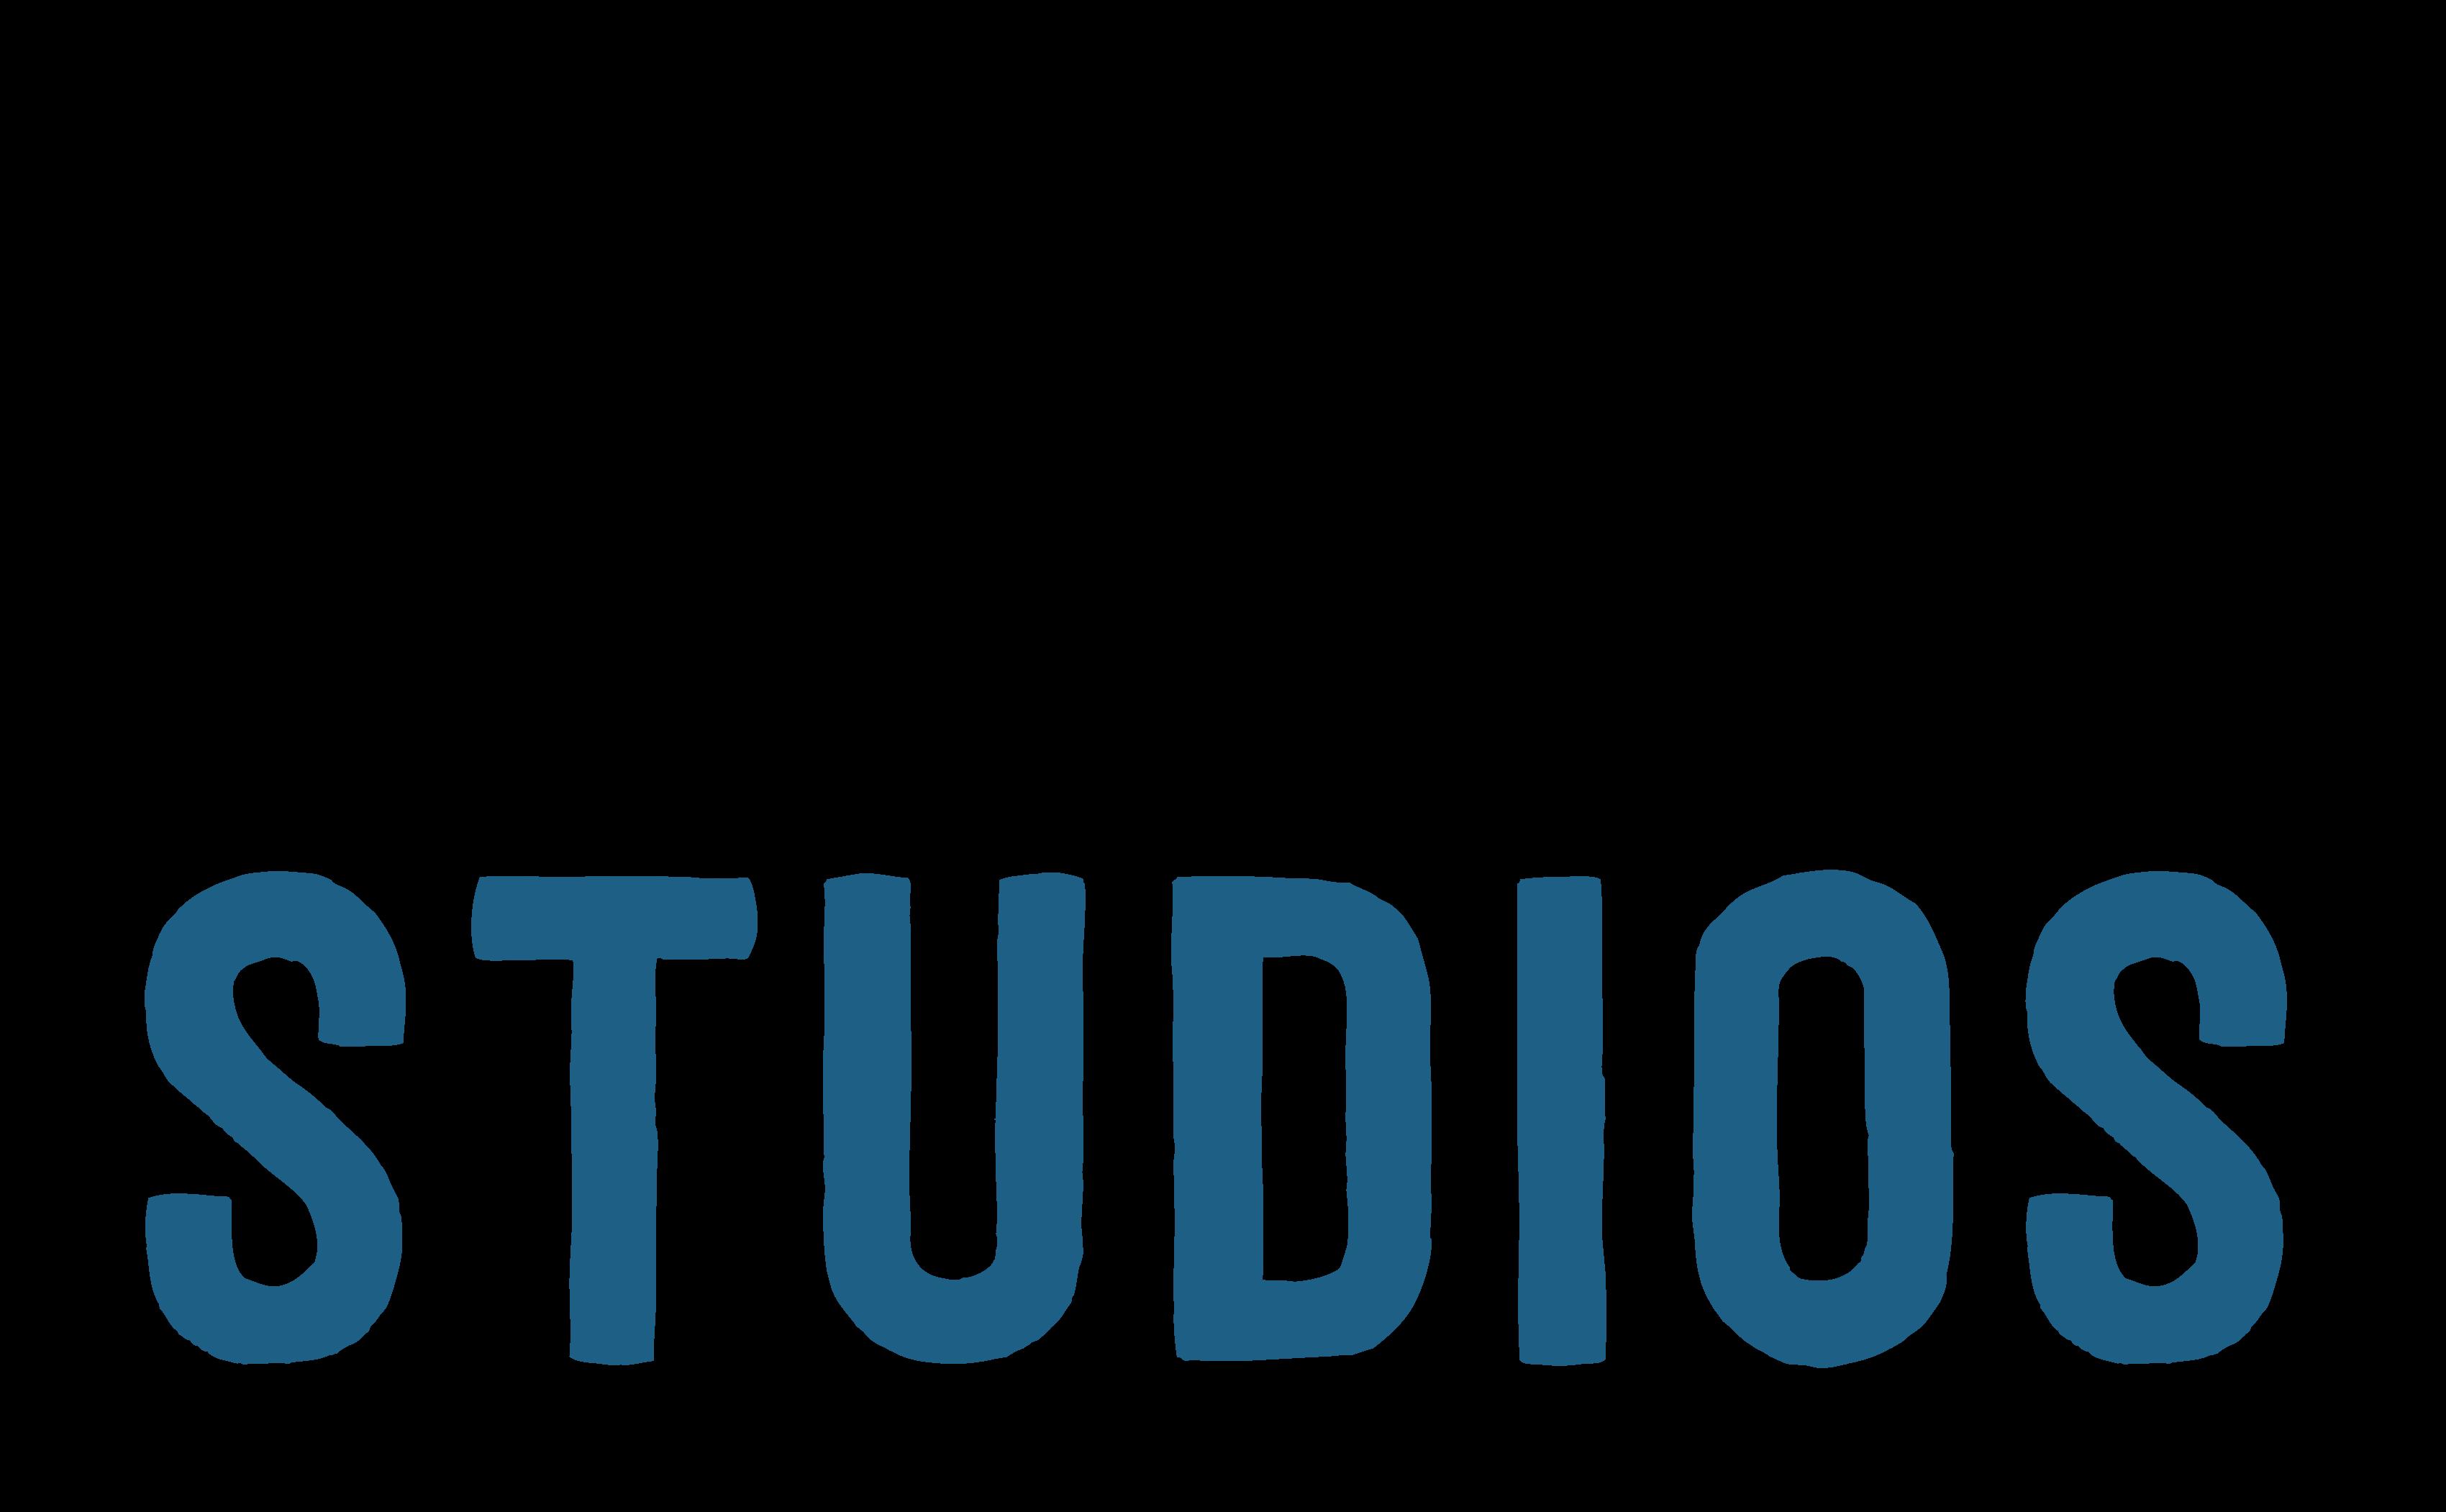 Shore Studios Online